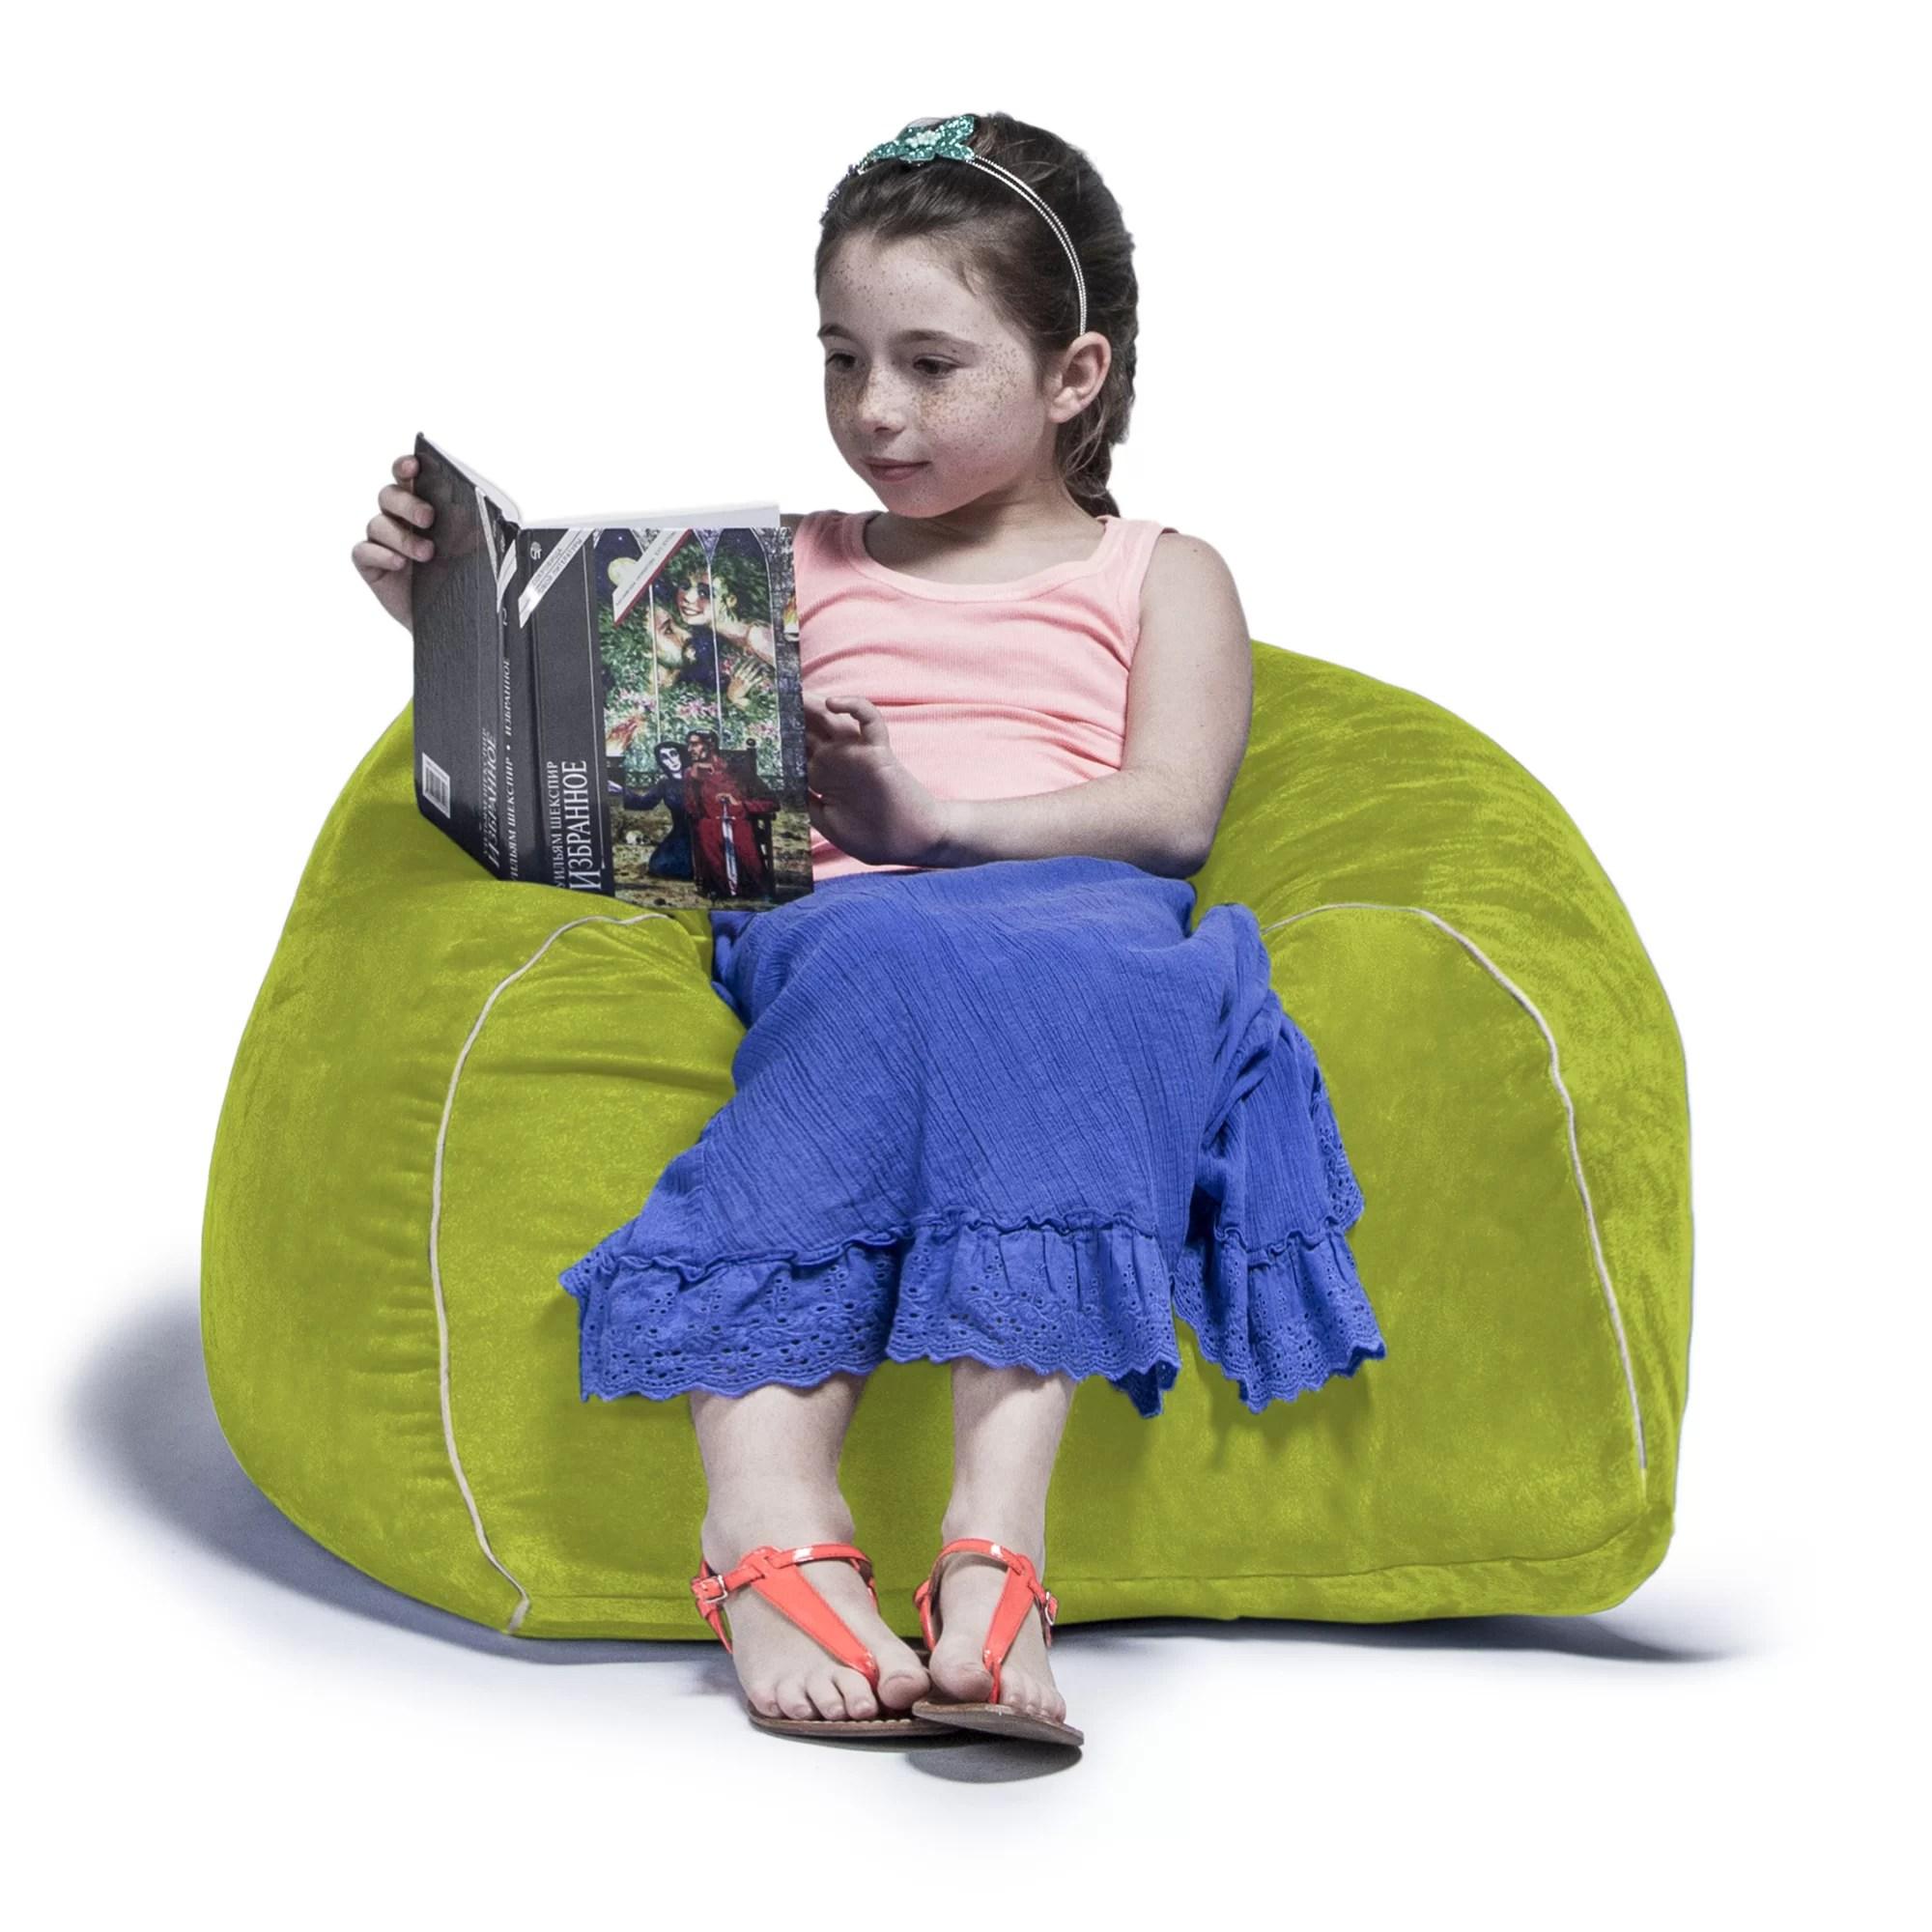 Jaxx 2539 Kids Club Bean Bag Chair Reviews Wayfair